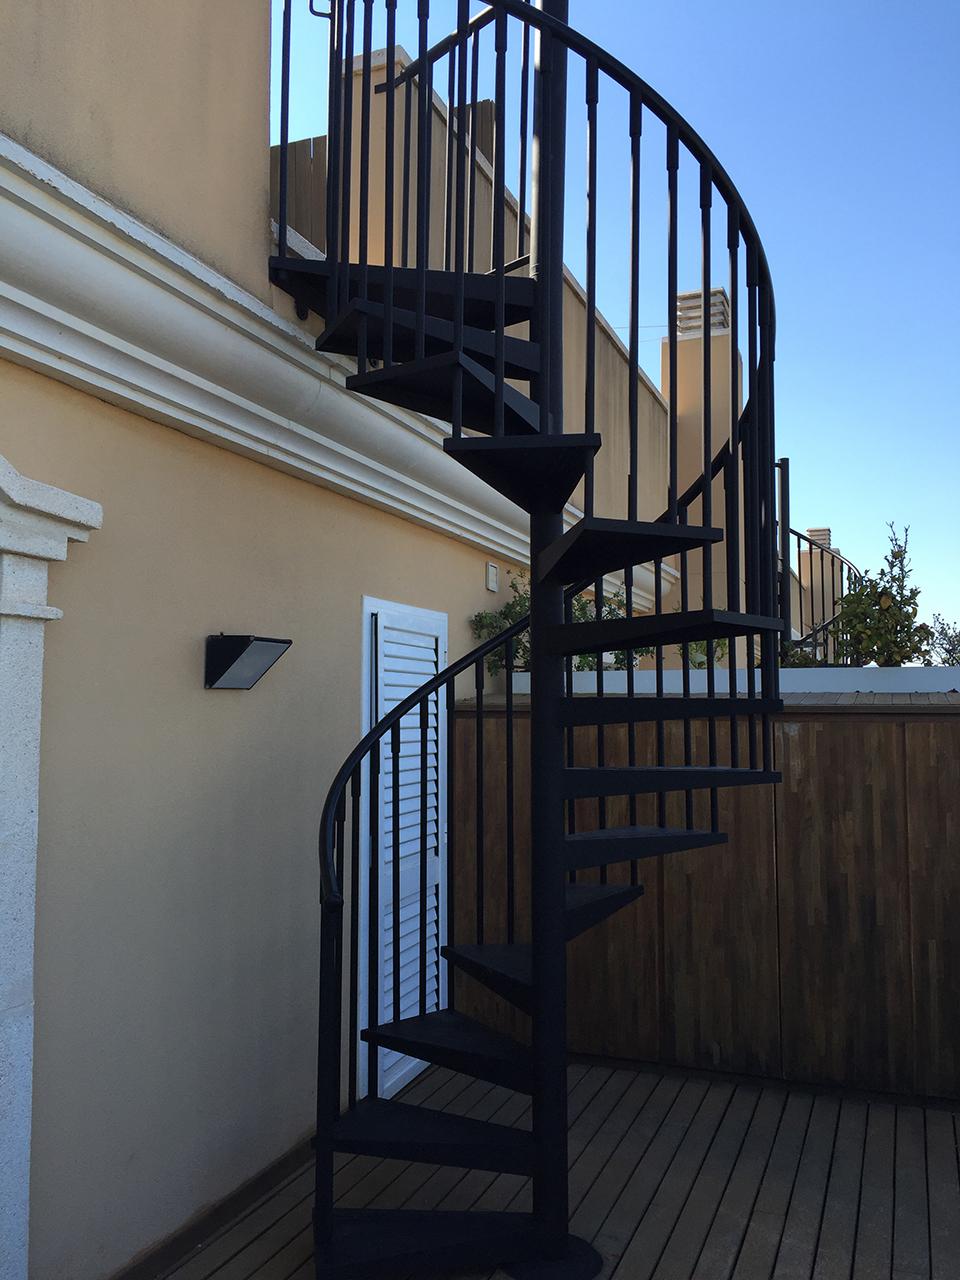 Pintaecol gic pintura de protecci n de escalera met lica - Escaleras para exterior ...